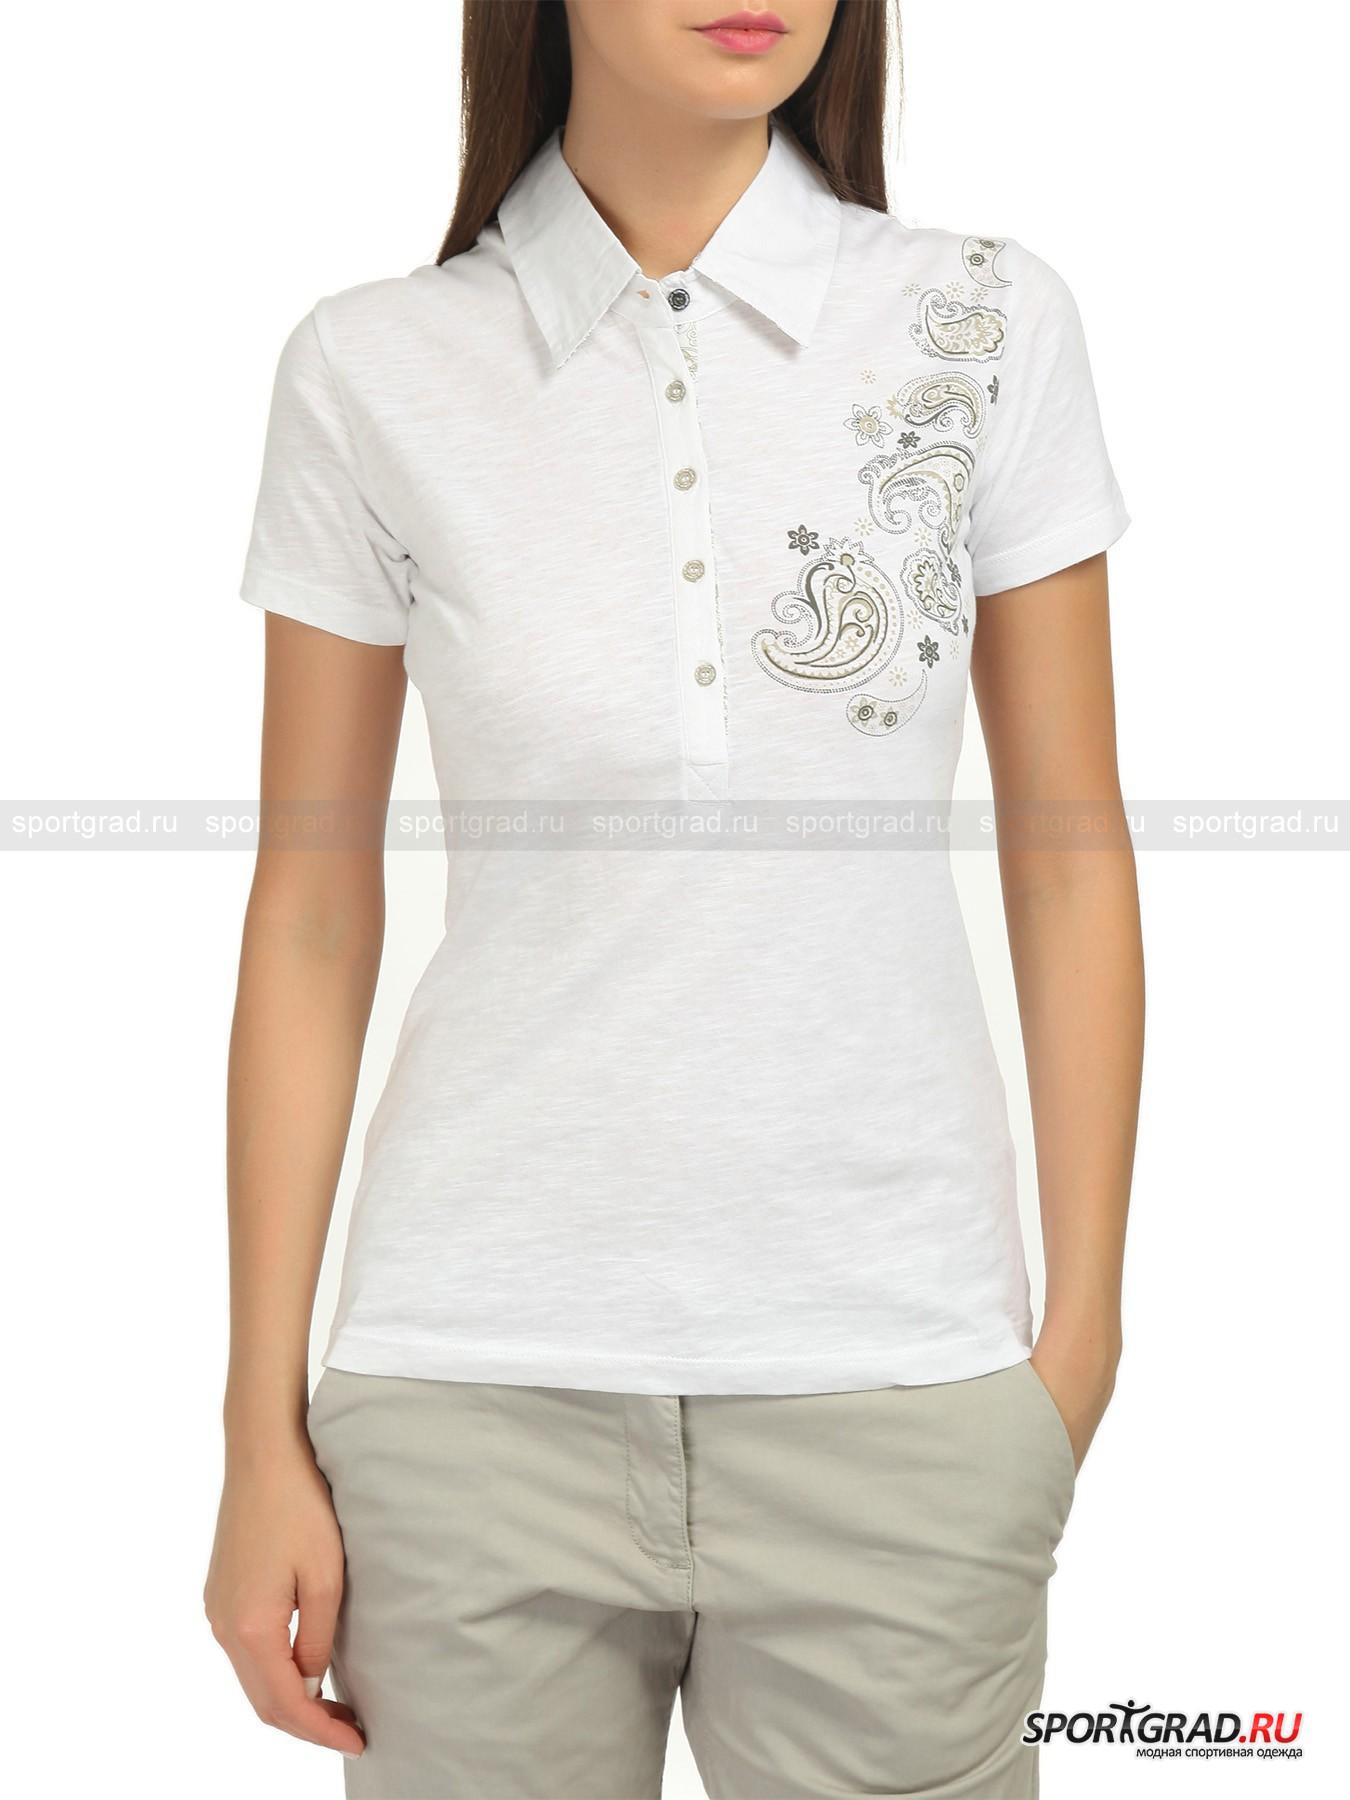 Поло женское CAMPAGNOLO FLOWERSПоло<br>Данную модель женского поло CAMPAGNOLO FLOWERS можно назвать полуфутболкой с воротом от рубашки. Визуально это типичное поло, но на ощупь мягкий, легкий хлопковый материал и дизайн рукавов выдают уникальную особенность одежды. Плюс наличие характерного для рубашек ворота дополняют диковинный предмет гардероба. Такое поло подойдет счастливым обладателям тонкого вкуса, умеющим невероятно четко подобрать одежду под свой образ.<br><br>•Застегивается на 5 пуговиц<br>•Контрастная роспись цветами в виде принта<br><br>Пол: Женский<br>Возраст: Взрослый<br>Тип: Поло<br>Рекомендации по уходу: Щадящая стирка при 40 С; отбеливание запрещено; сушка в барабане запрещена; сушка в вертикальном положении; отжим разрешен; гладить при температуре до 110 С; химчистка запрещена; разрешена щадящая аквачистка; при стирке не смешивать с изделиями других цве<br>Состав: 100% хлопок.